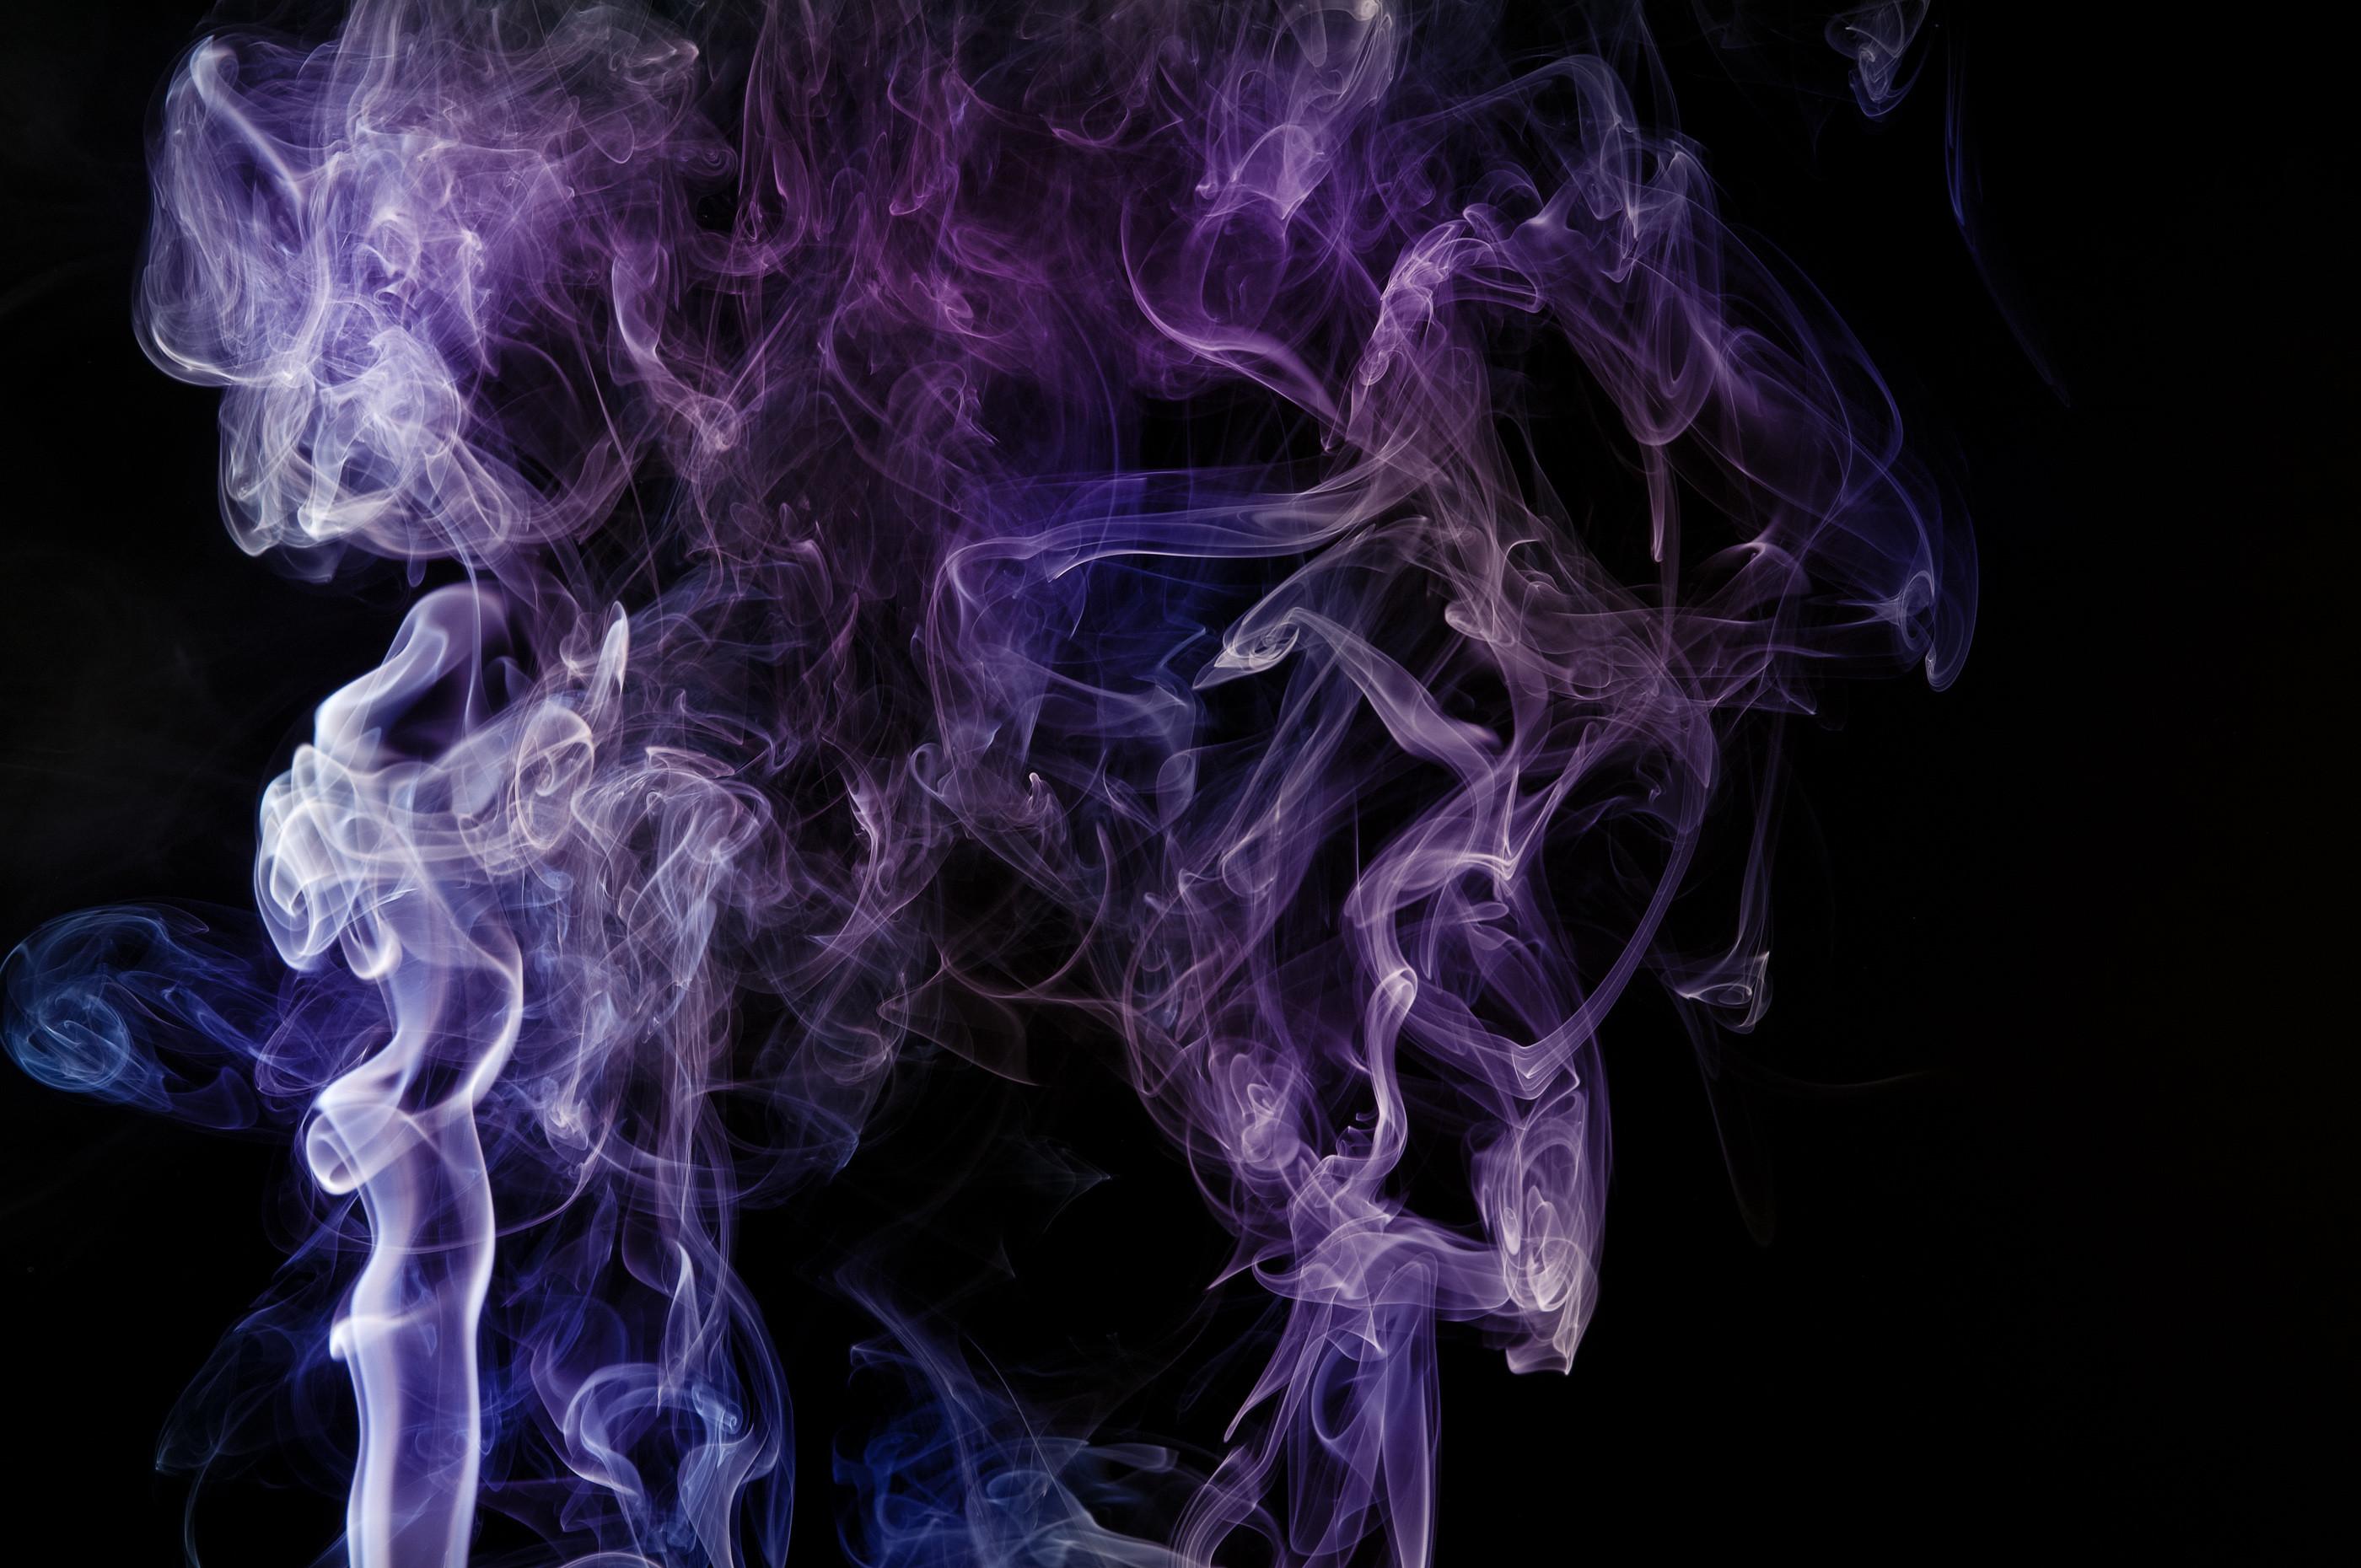 パポ フィギュア | Max Factory - figma ルーラー/ジャンヌ アルトリア 赤のセイバー モードレッド セットの通販 by もりえる's shop|マックスファクトリーならラクマ